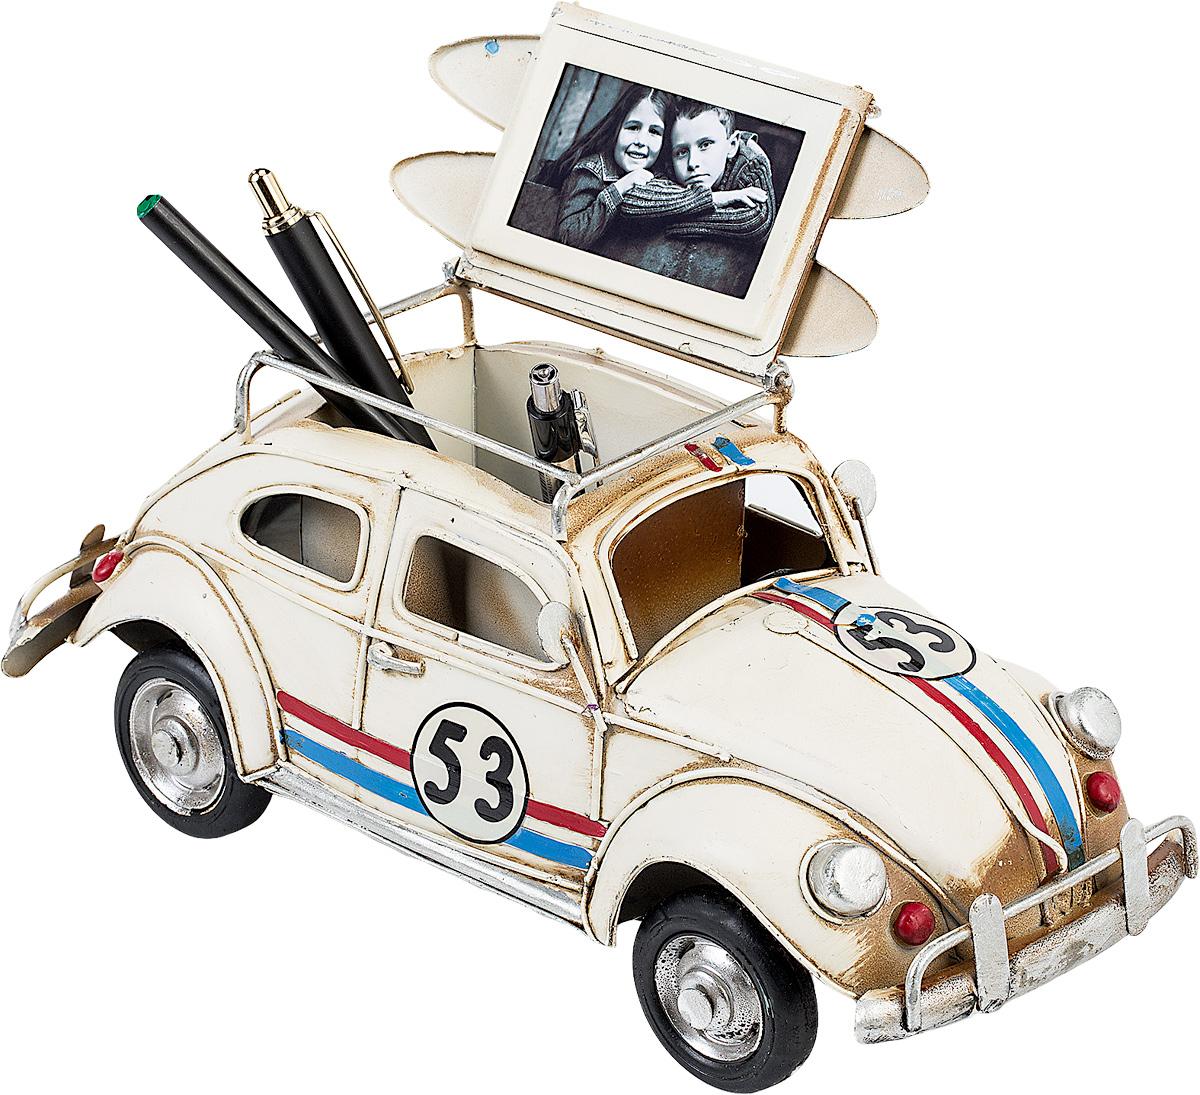 Модель Platinum Автомобиль, с фоторамкой и подставкой для ручек. 1404E-43371404E-4337Модель Platinum Автомобиль, выполненная из металла, станет оригинальным украшением интерьера. Вы можете поставить модель ретро-автомобиля в любом месте, где она будет удачно смотреться.Изделие дополнено подставкой для ручек и фоторамкой, куда вы можете вставить вашу любимую фотографию.Качество исполнения, точные детали и оригинальный дизайн выделяют эту модель среди ряда подобных. Модель займет достойное место в вашей коллекции, а также приятно удивит получателя в качестве стильного сувенира.